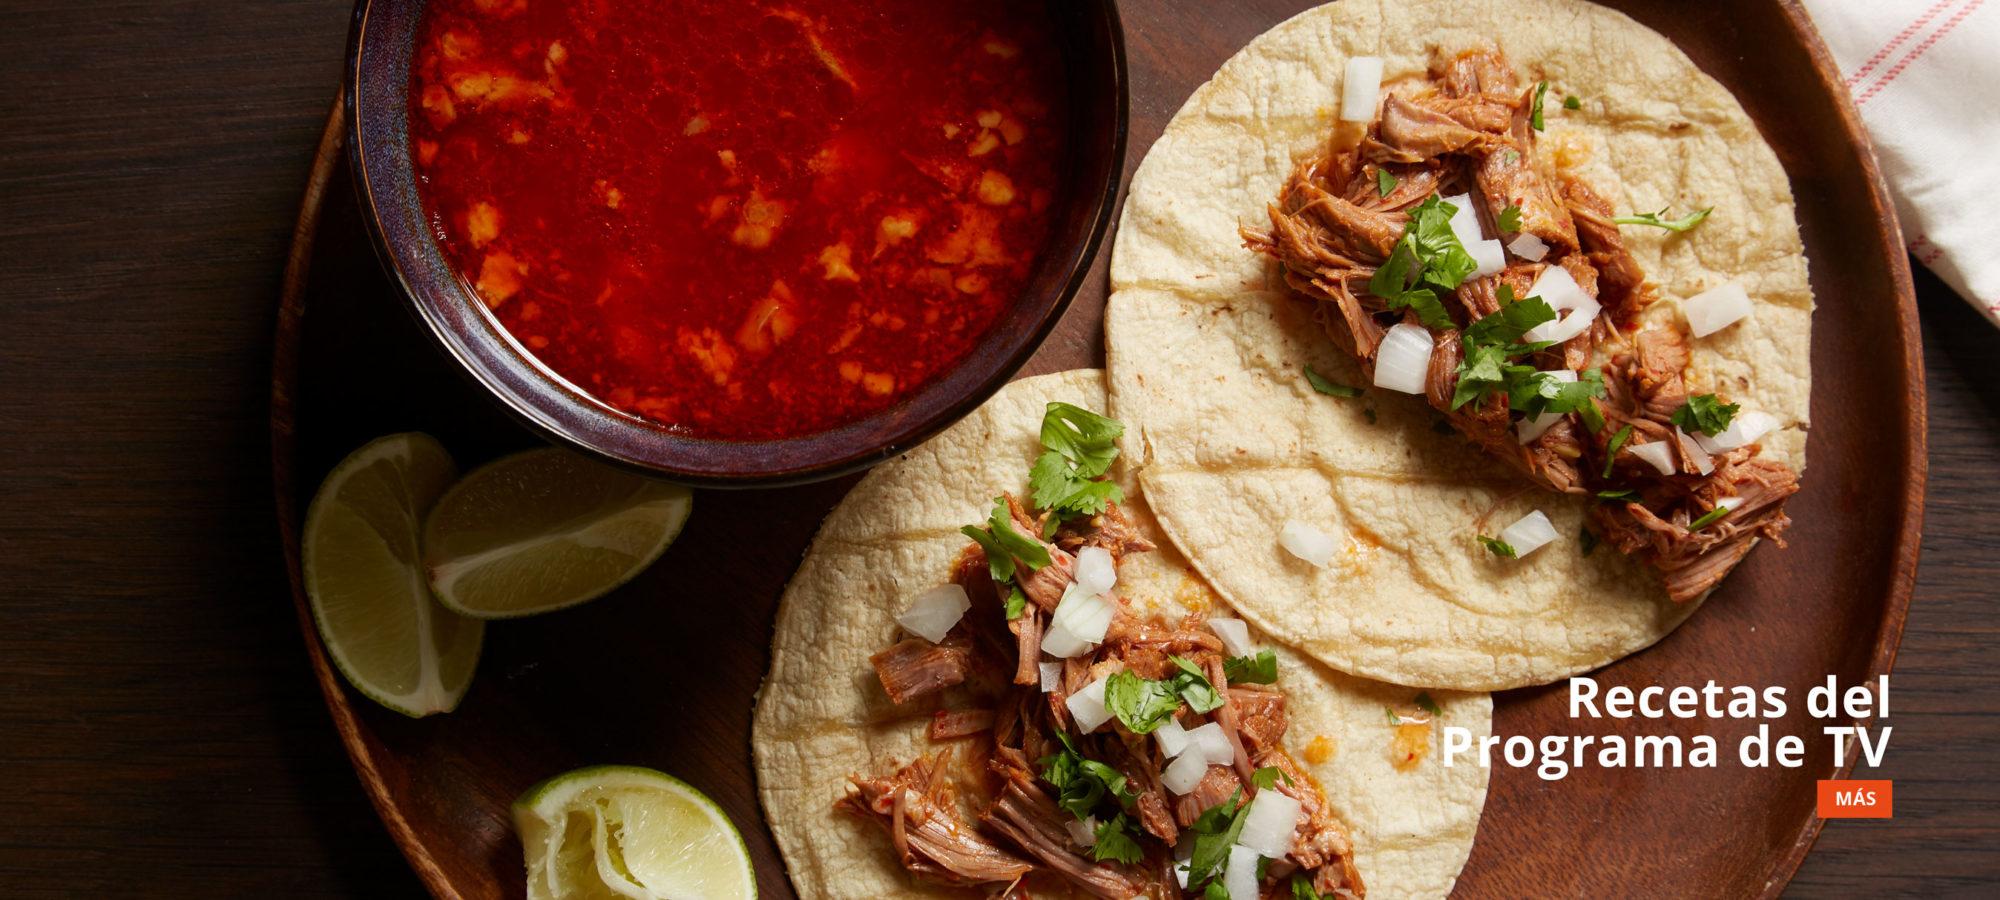 pati's mexican table recetas de tv